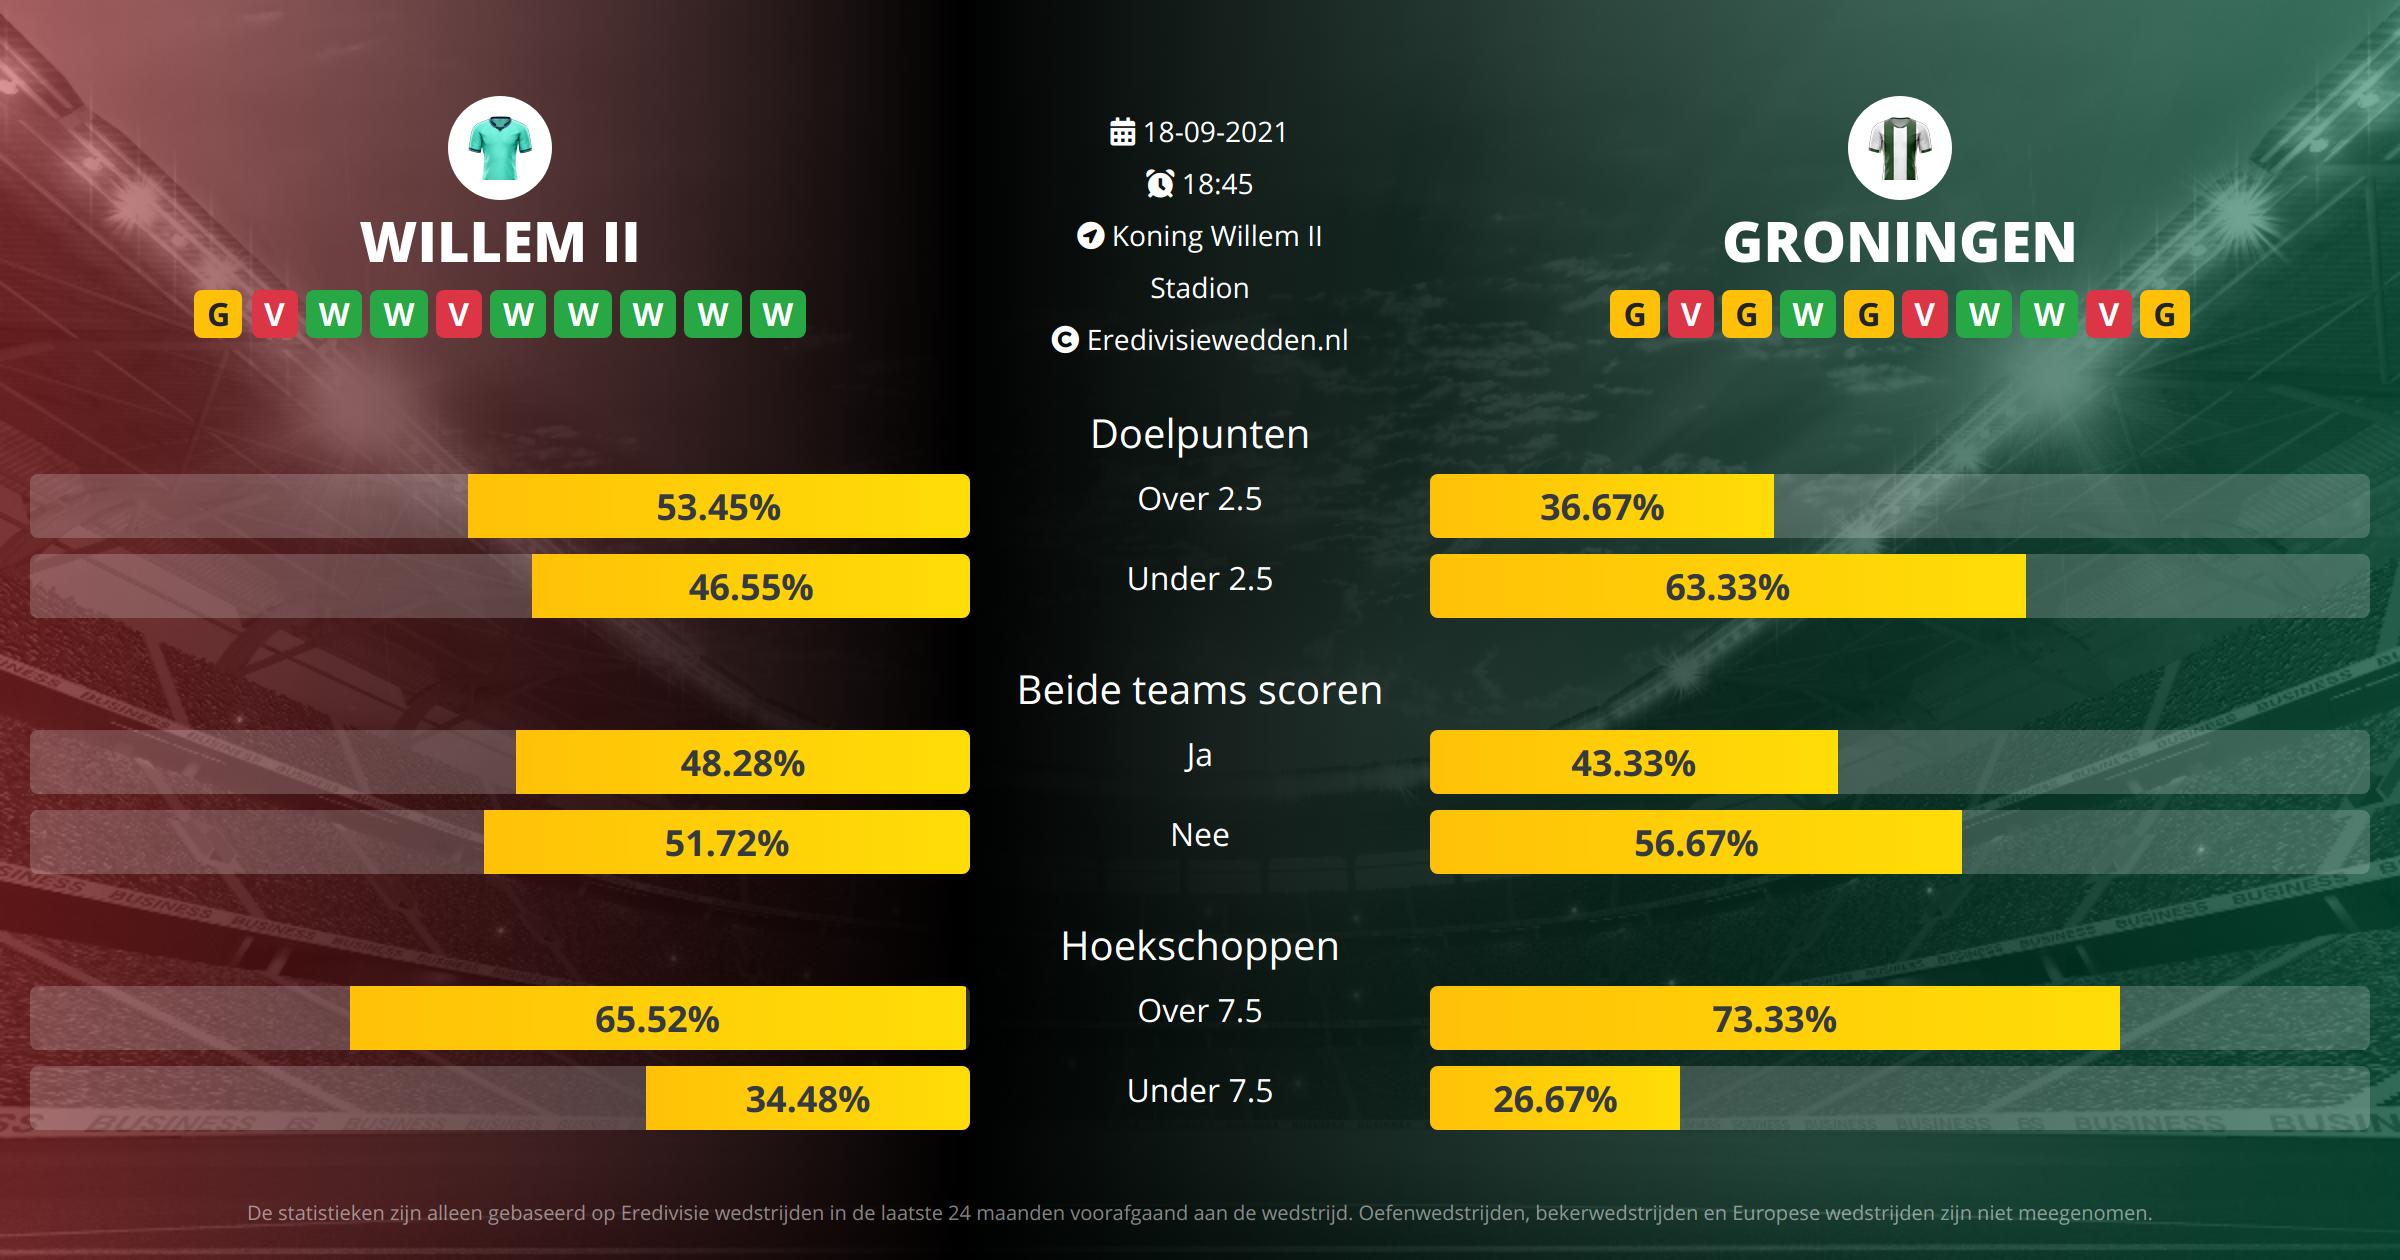 Voorspelling Willem II tegen FC Groningen op  18  2021